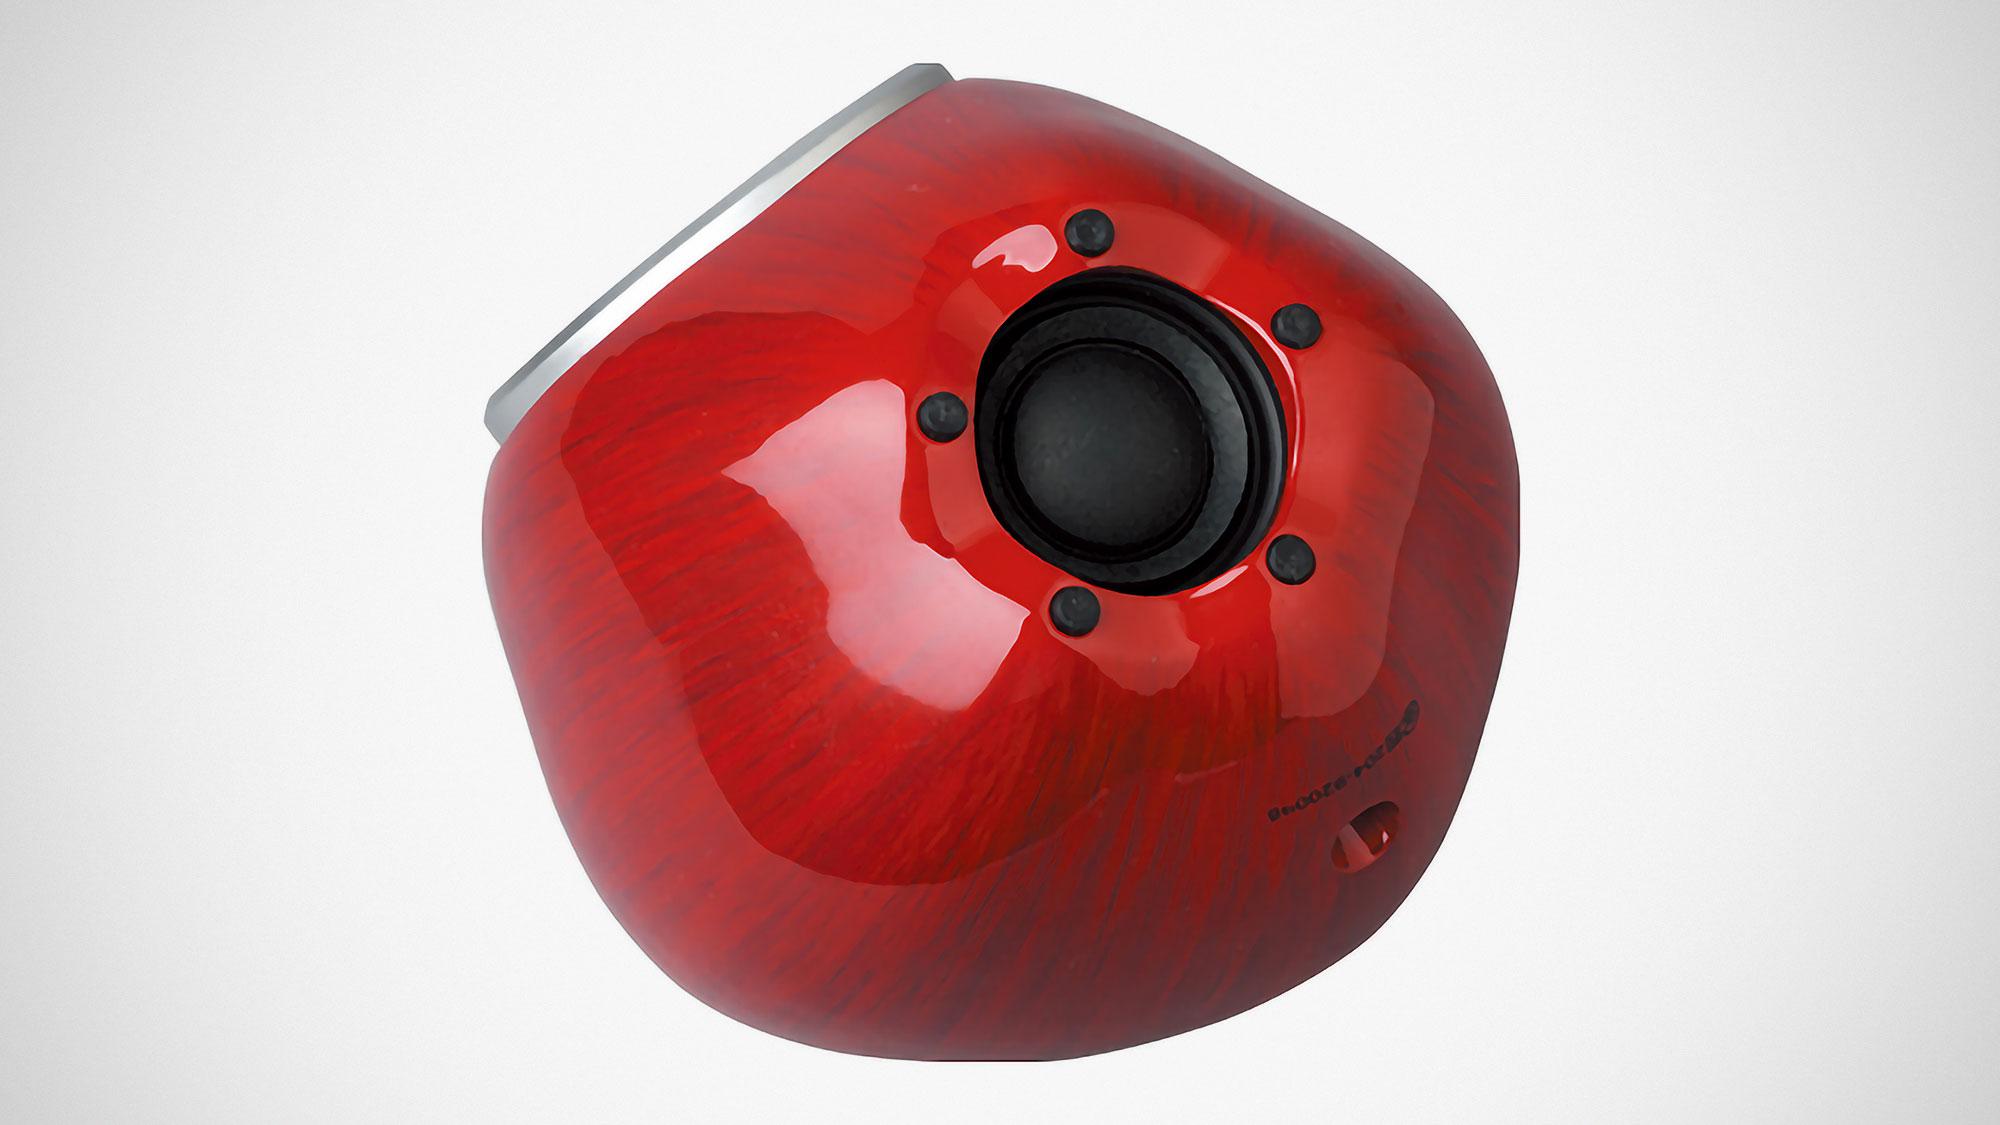 UNDERCOVER x Medicom Toy GILAPPLE Speakers